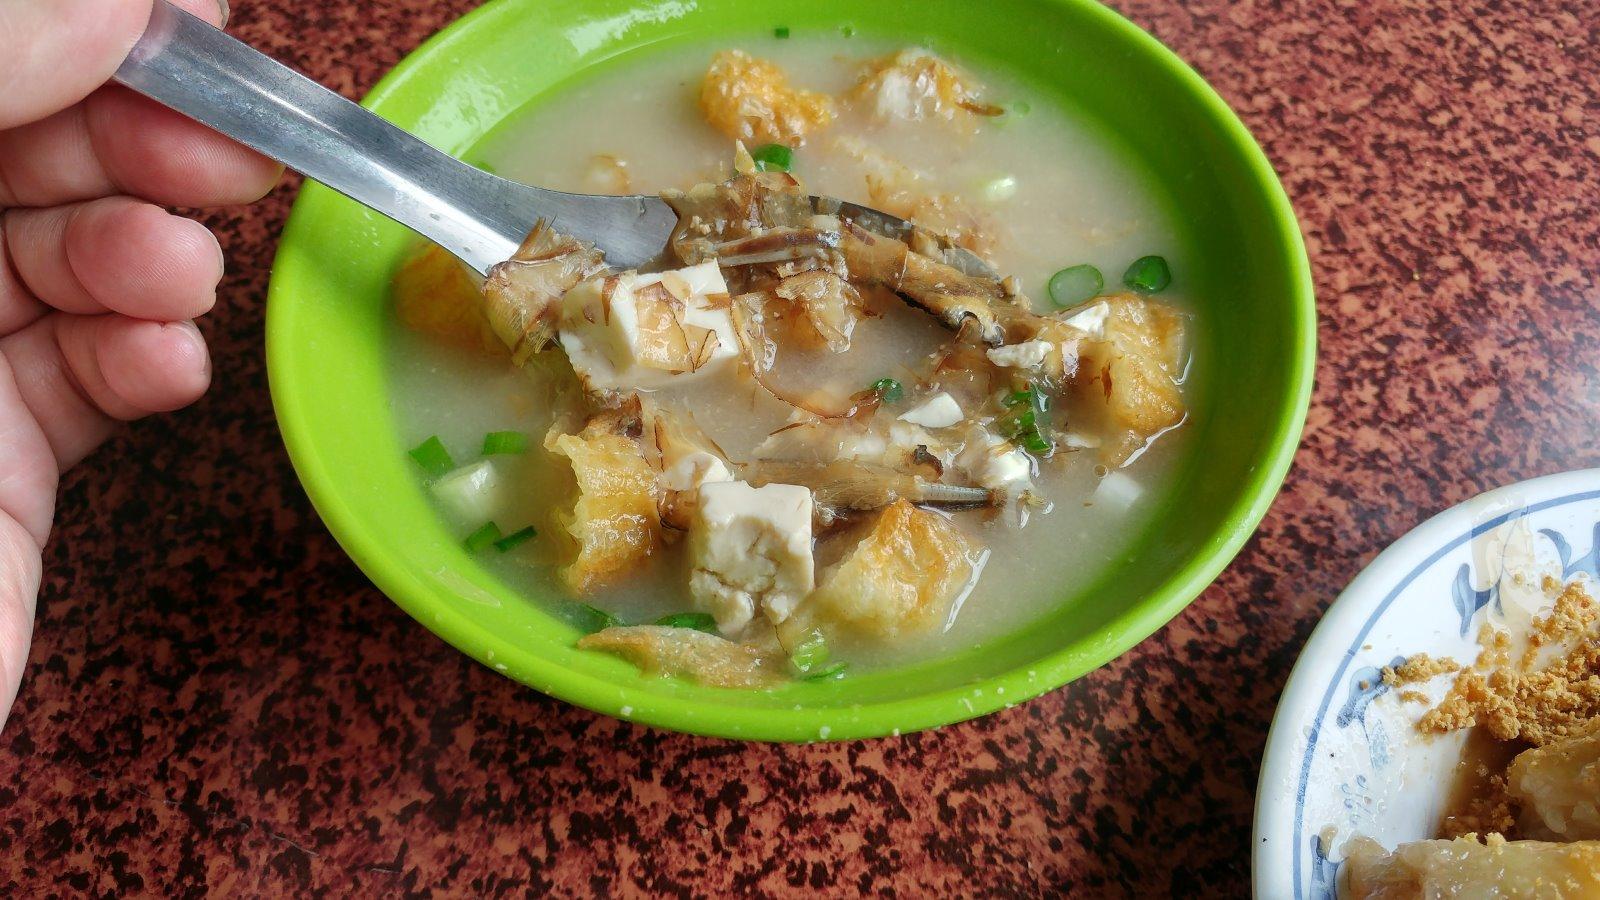 10元味噌湯 在台南料就是這麼多,吃之前一定要灑上白胡椒粉